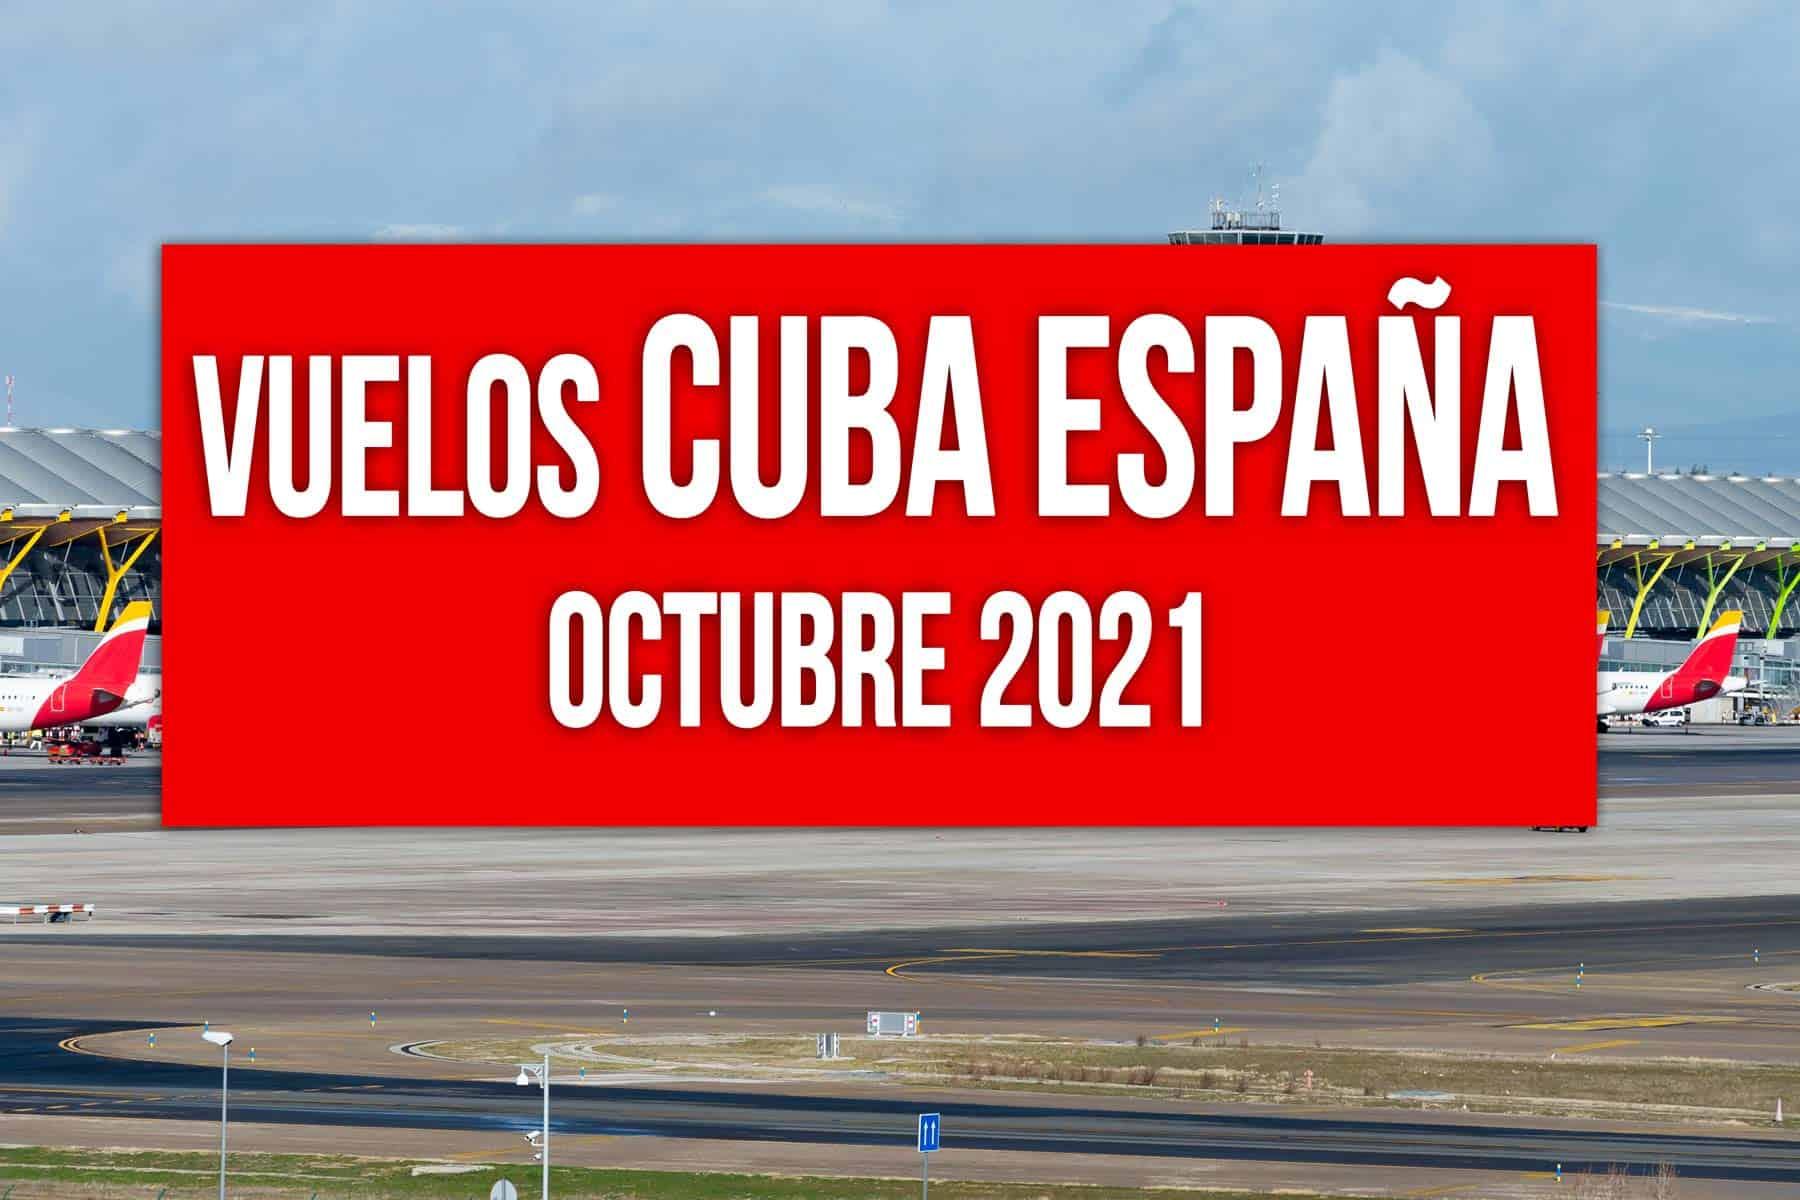 vuelos cuba españa octubre 2021